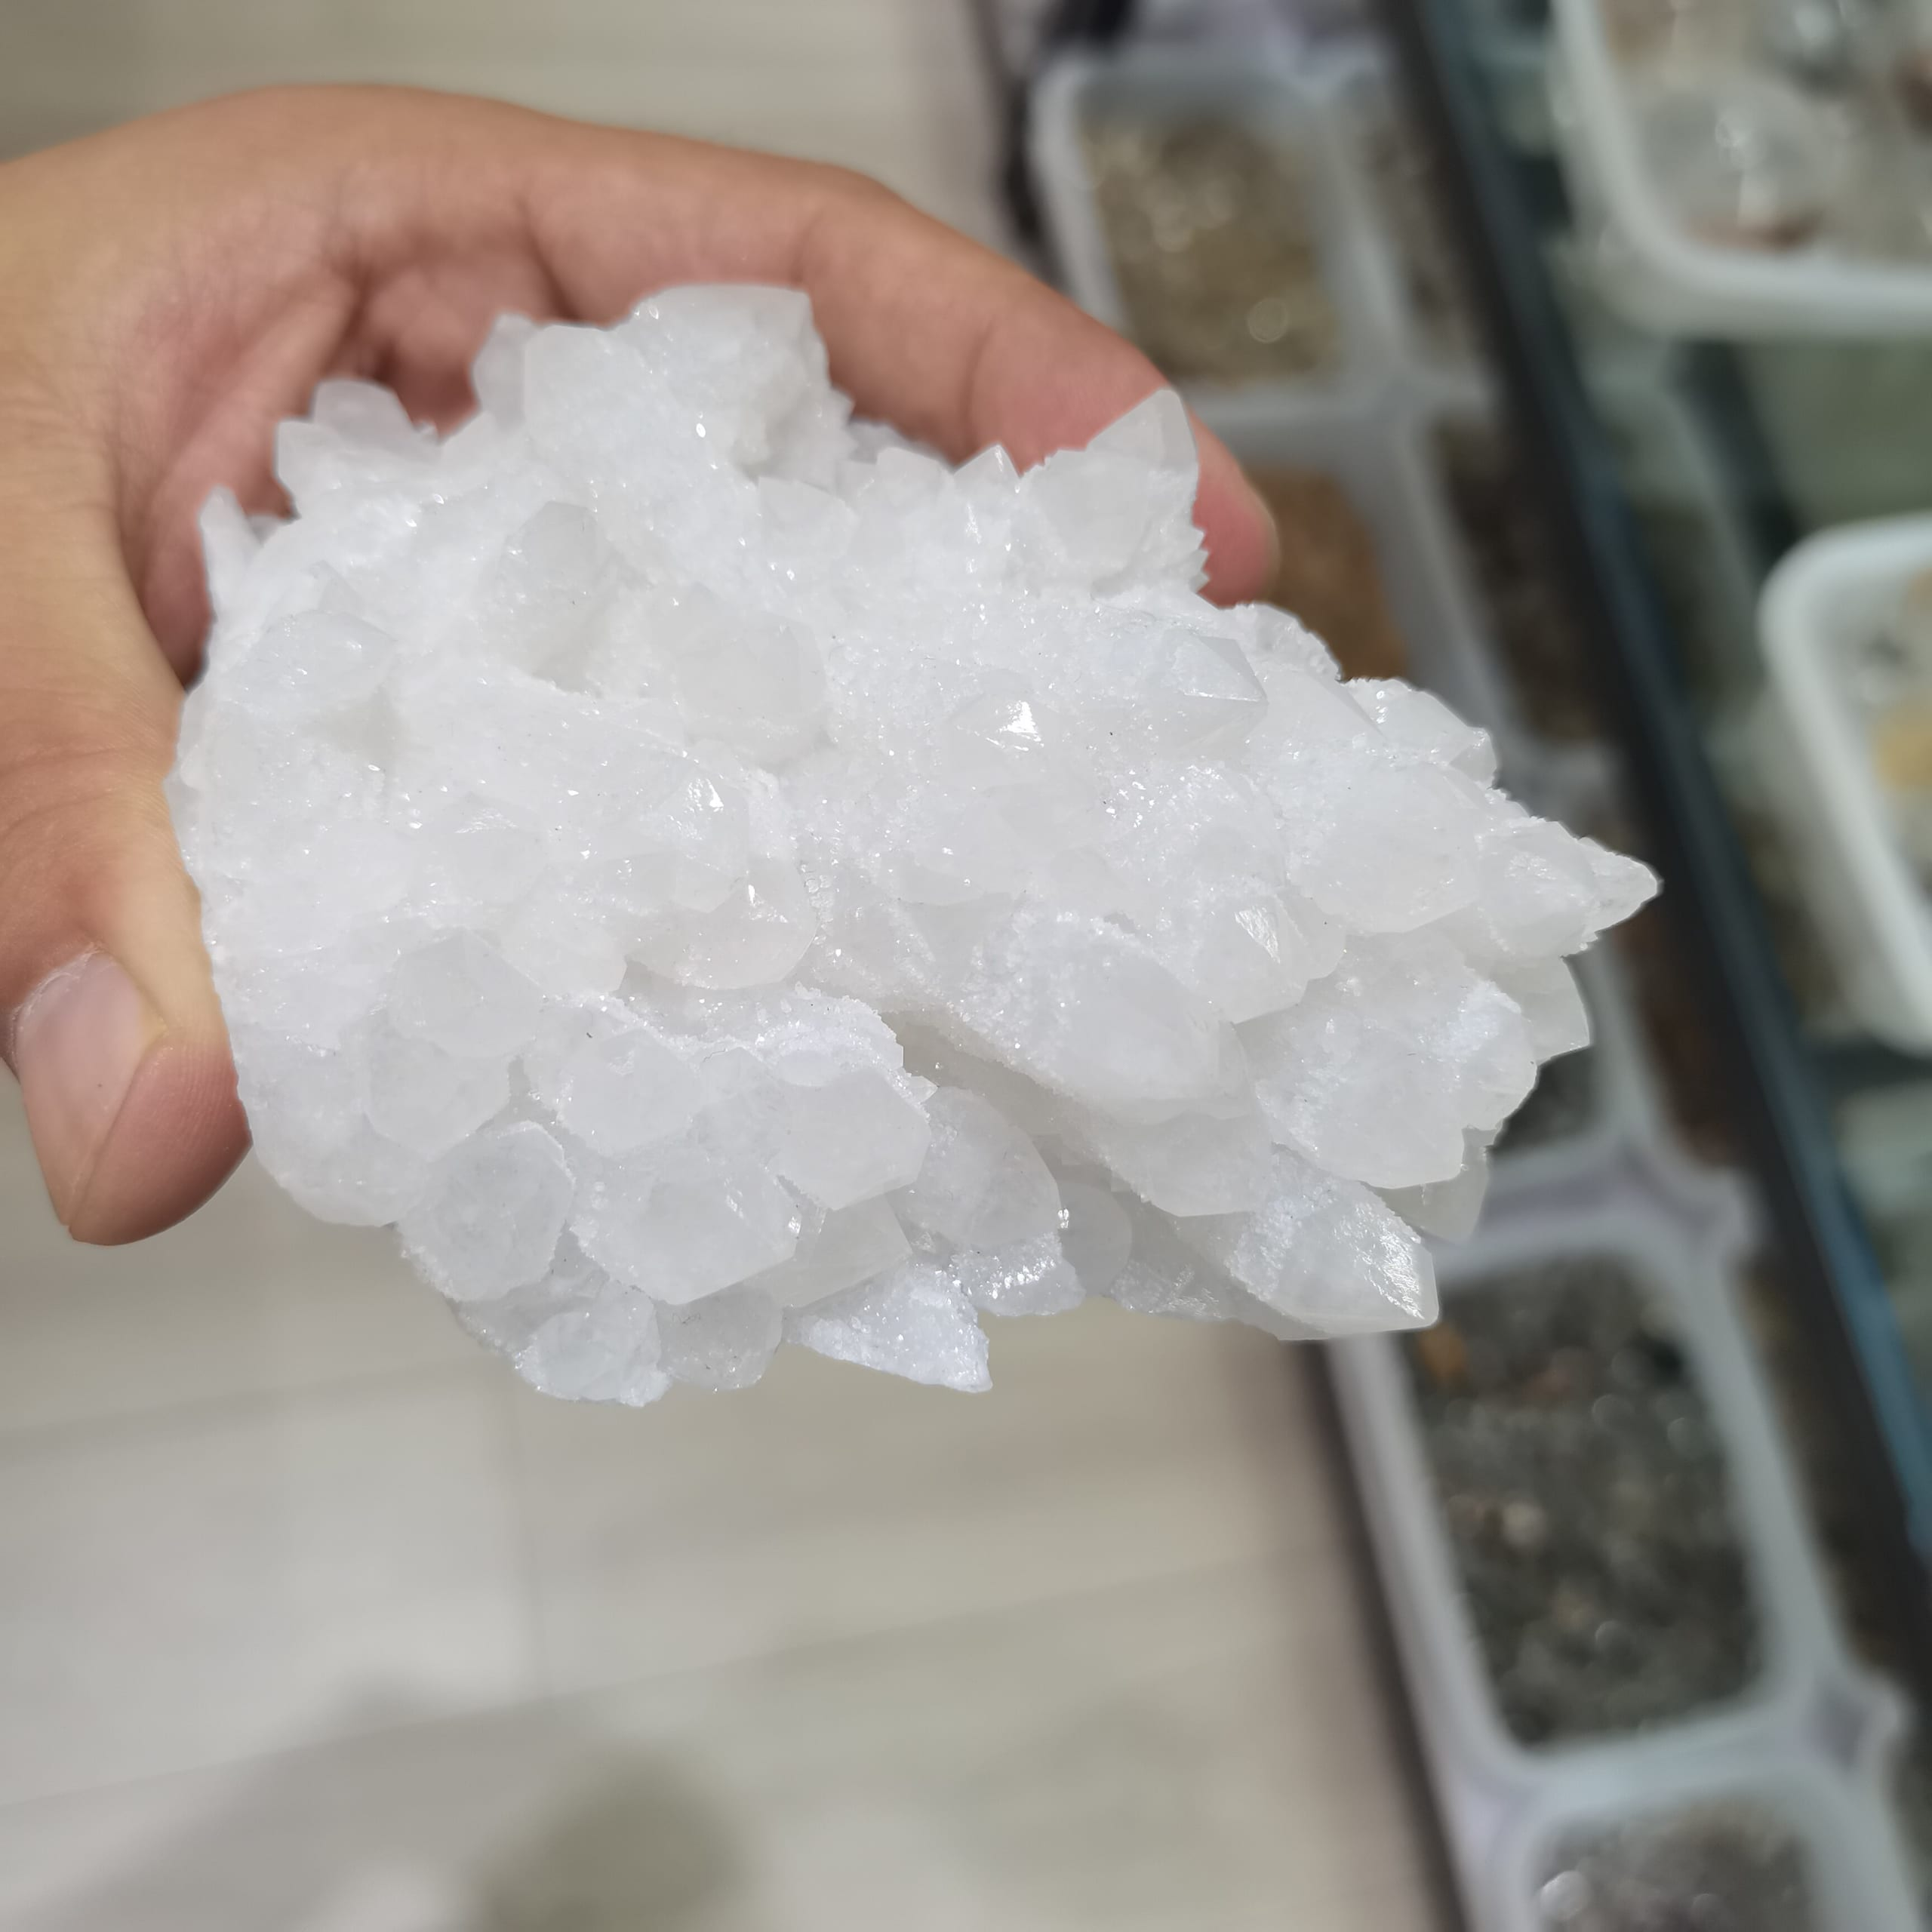 Cuarzo Natural blanco flores racimos de cristal decoración resistente piedra Feng Shui Decoración